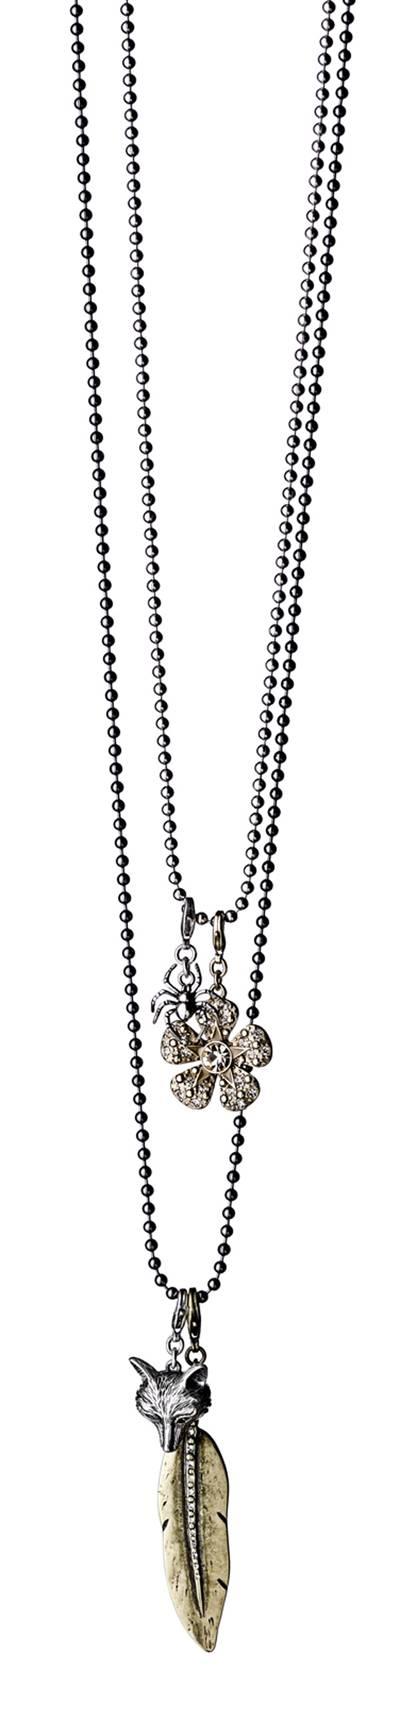 丹麦时尚品牌PILGRIM 2011春季配饰精选-珠宝首饰展示图【行业经典】